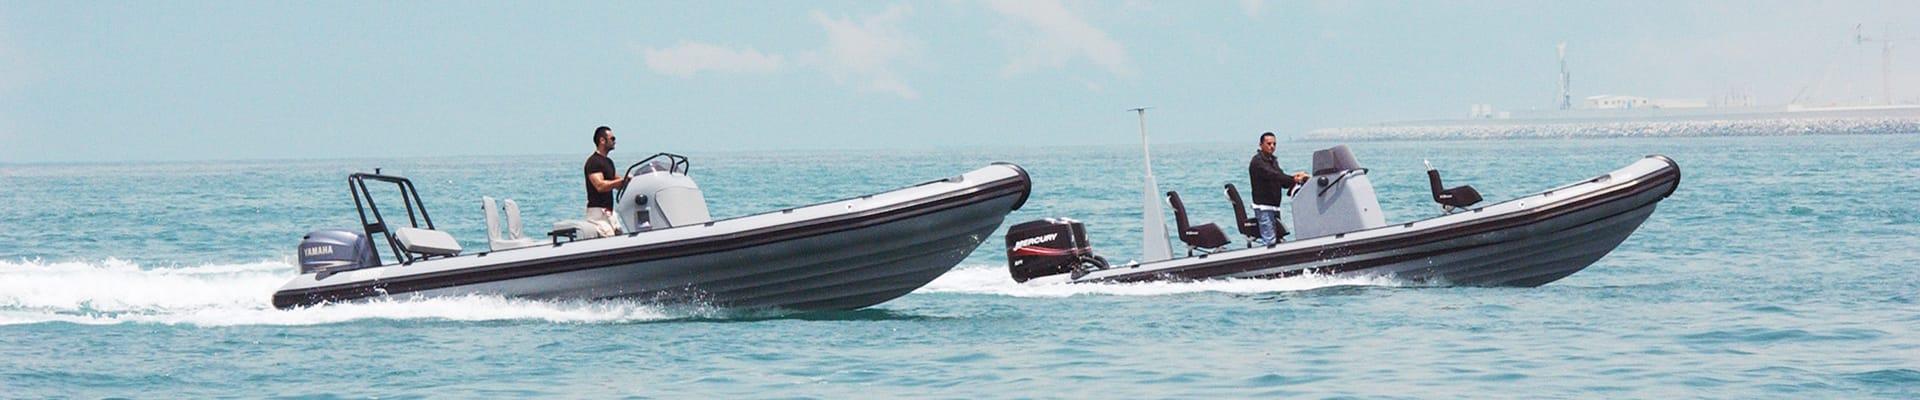 navy-boats-9.5m